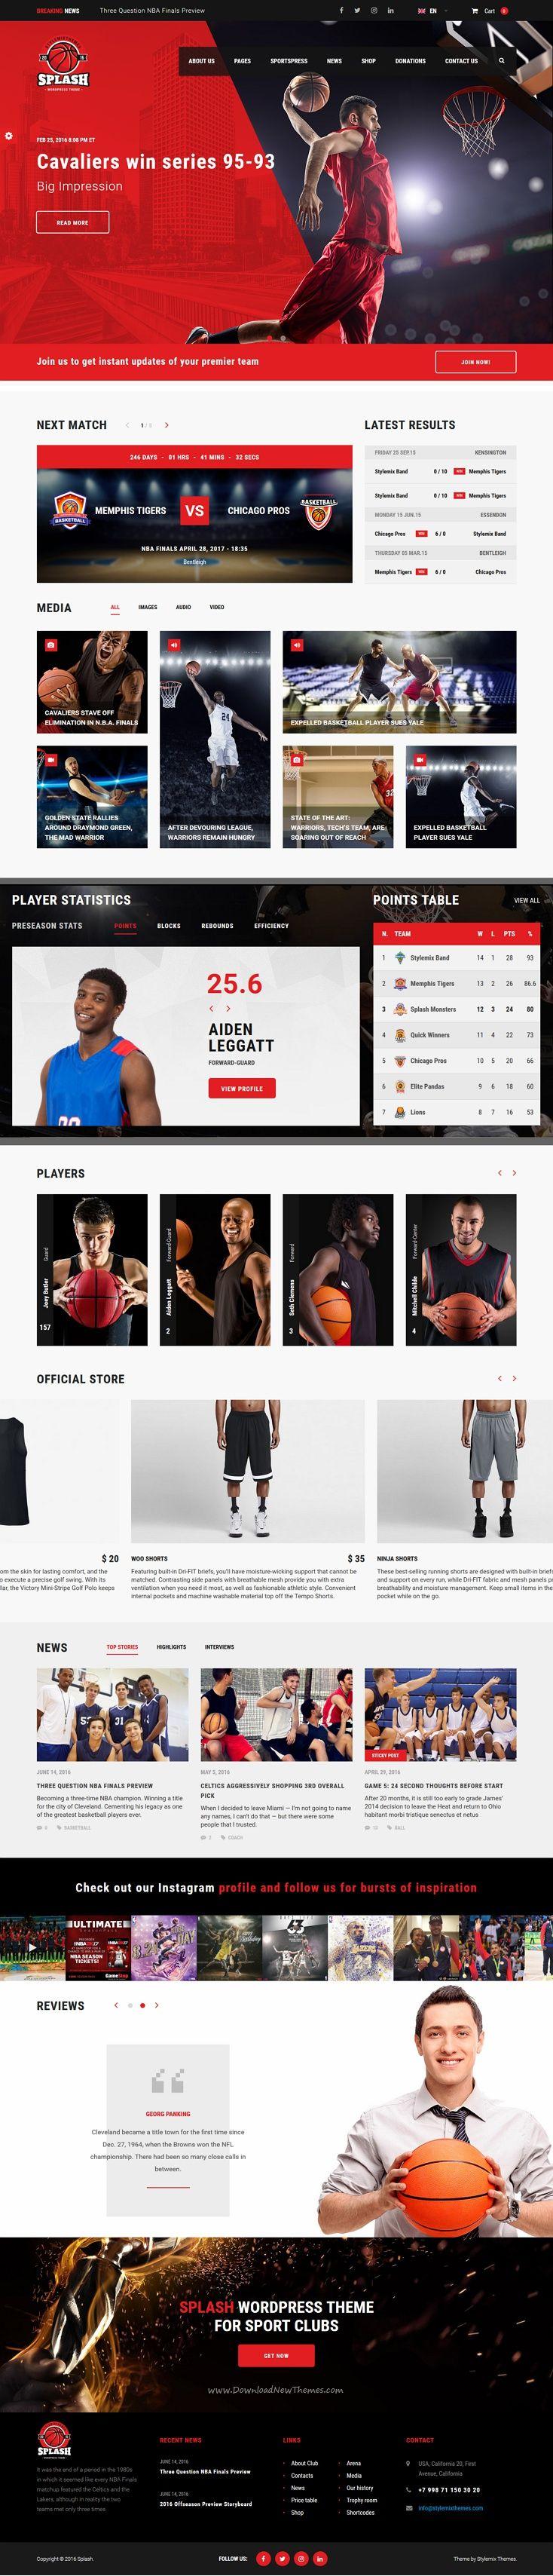 34 best sport web images on pinterest website designs design